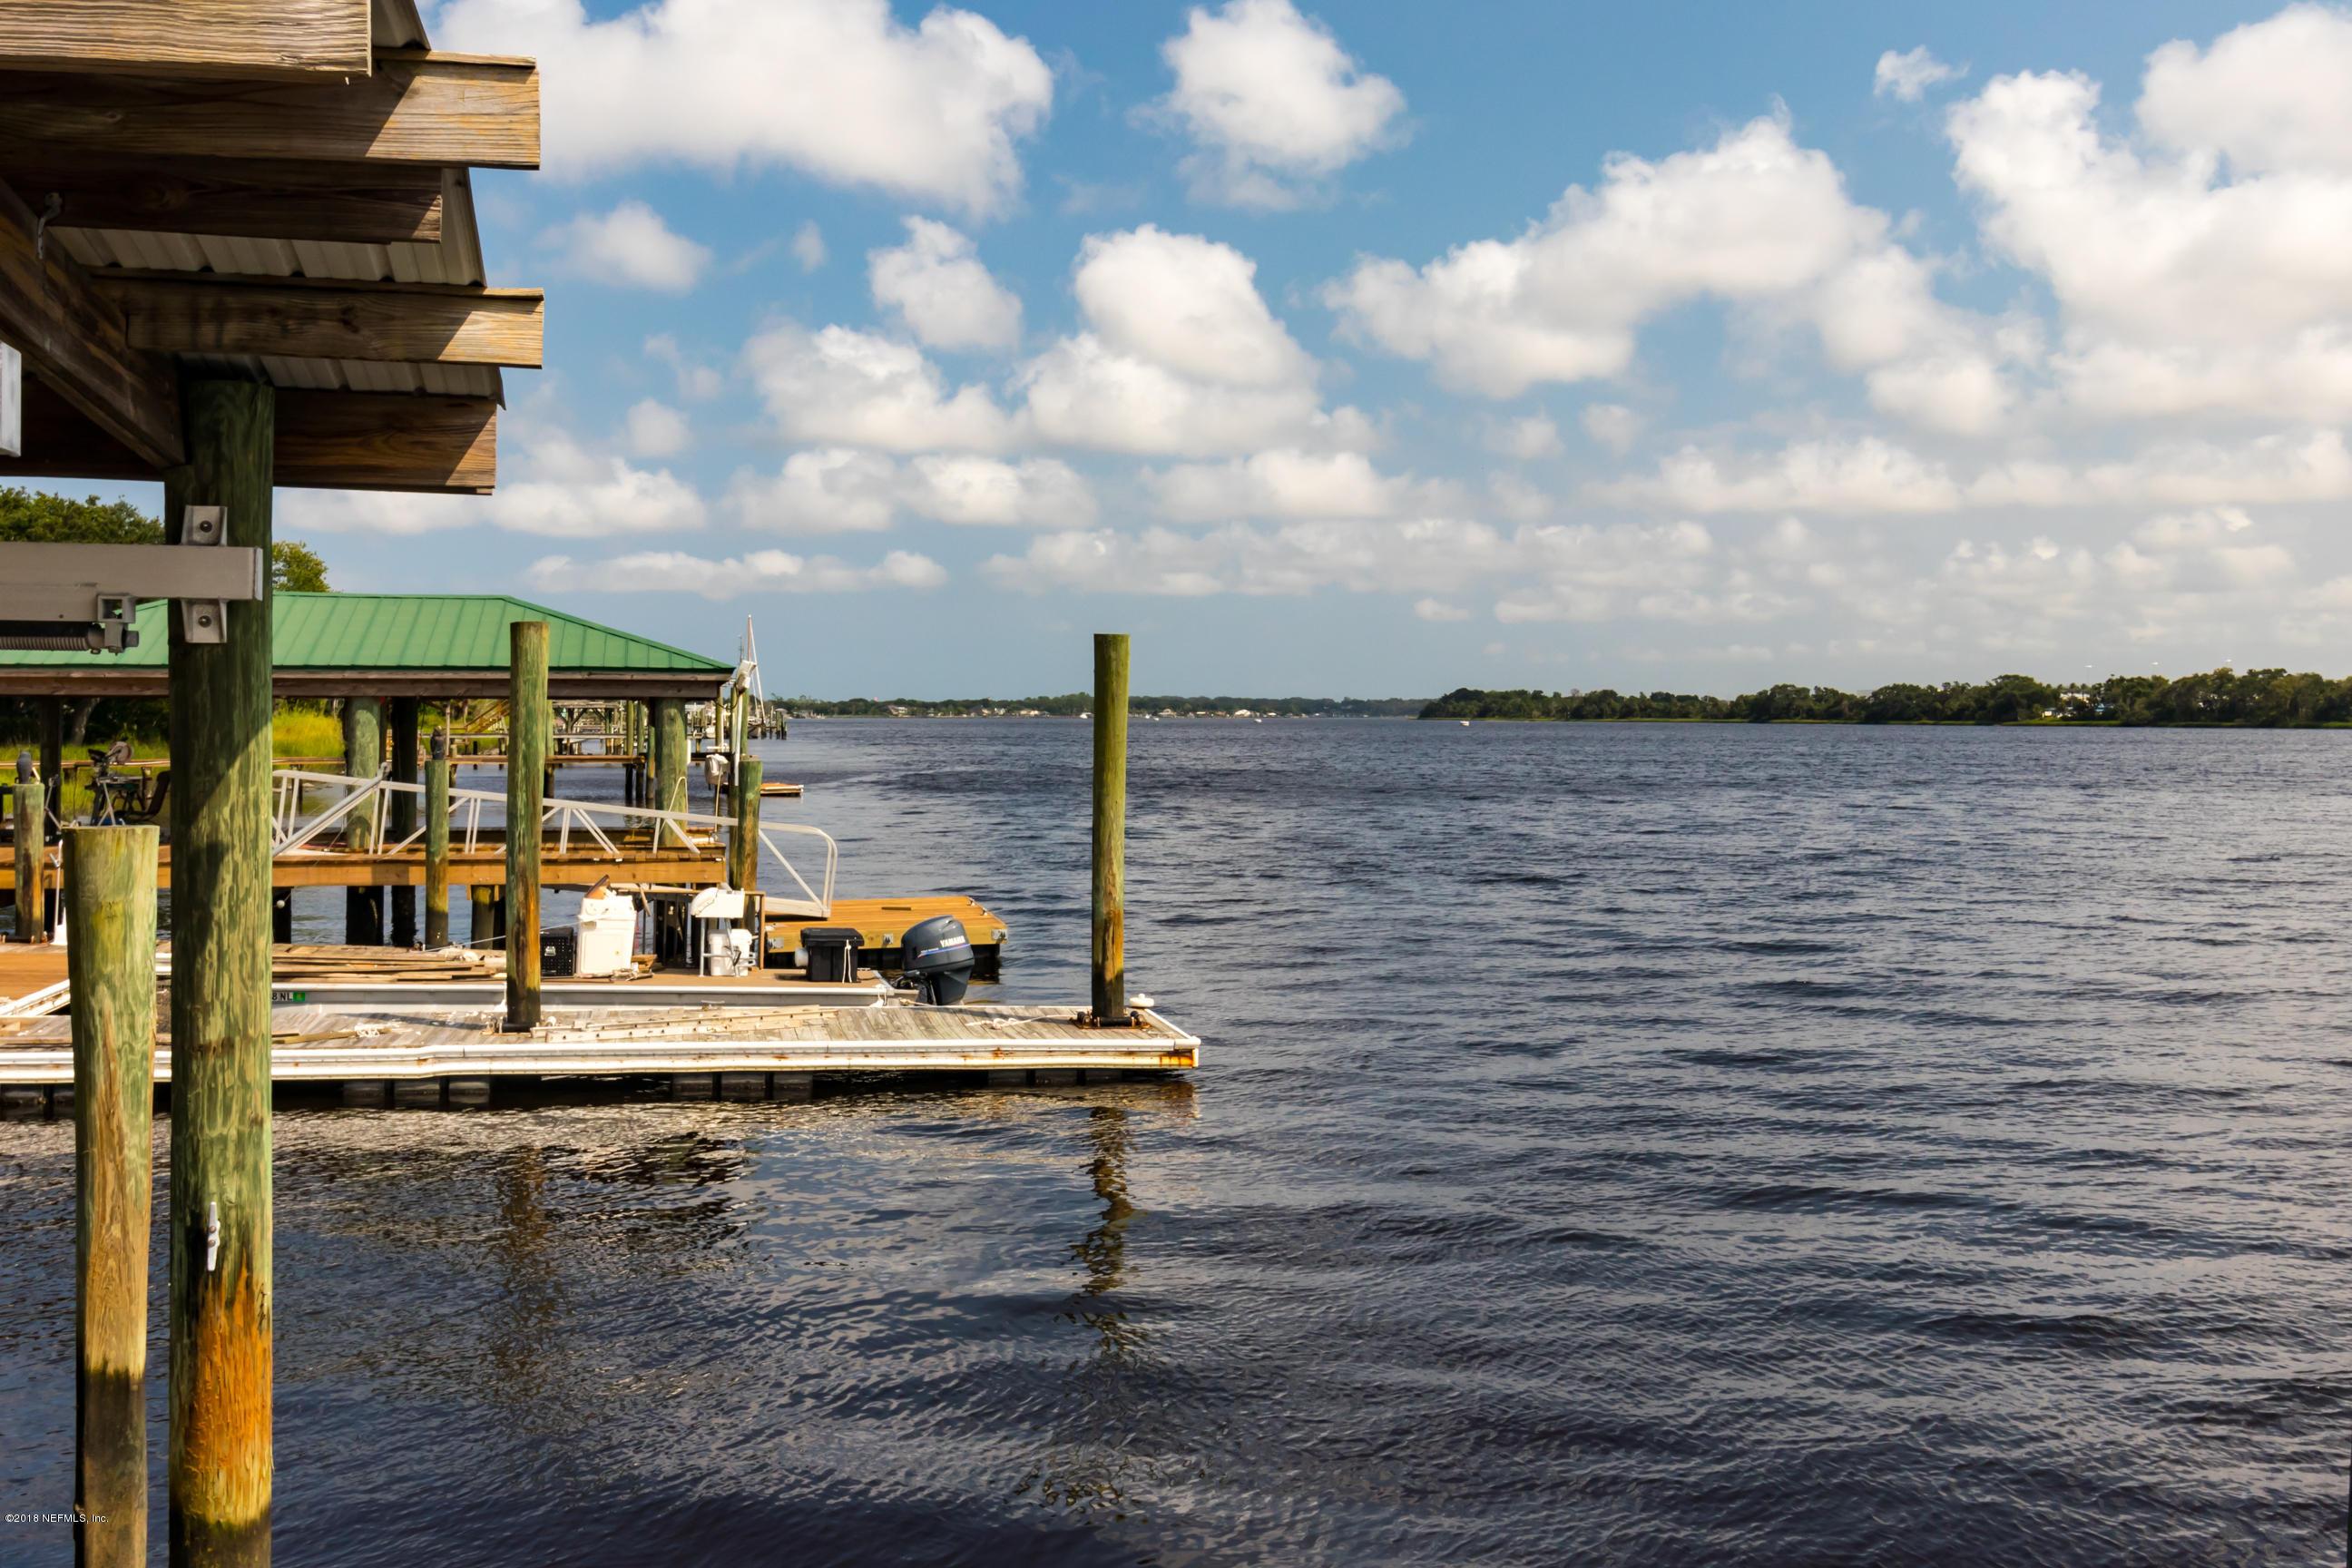 5446 HECKSCHER, JACKSONVILLE, FLORIDA 32226, 3 Bedrooms Bedrooms, ,2 BathroomsBathrooms,Residential - single family,For sale,HECKSCHER,954256